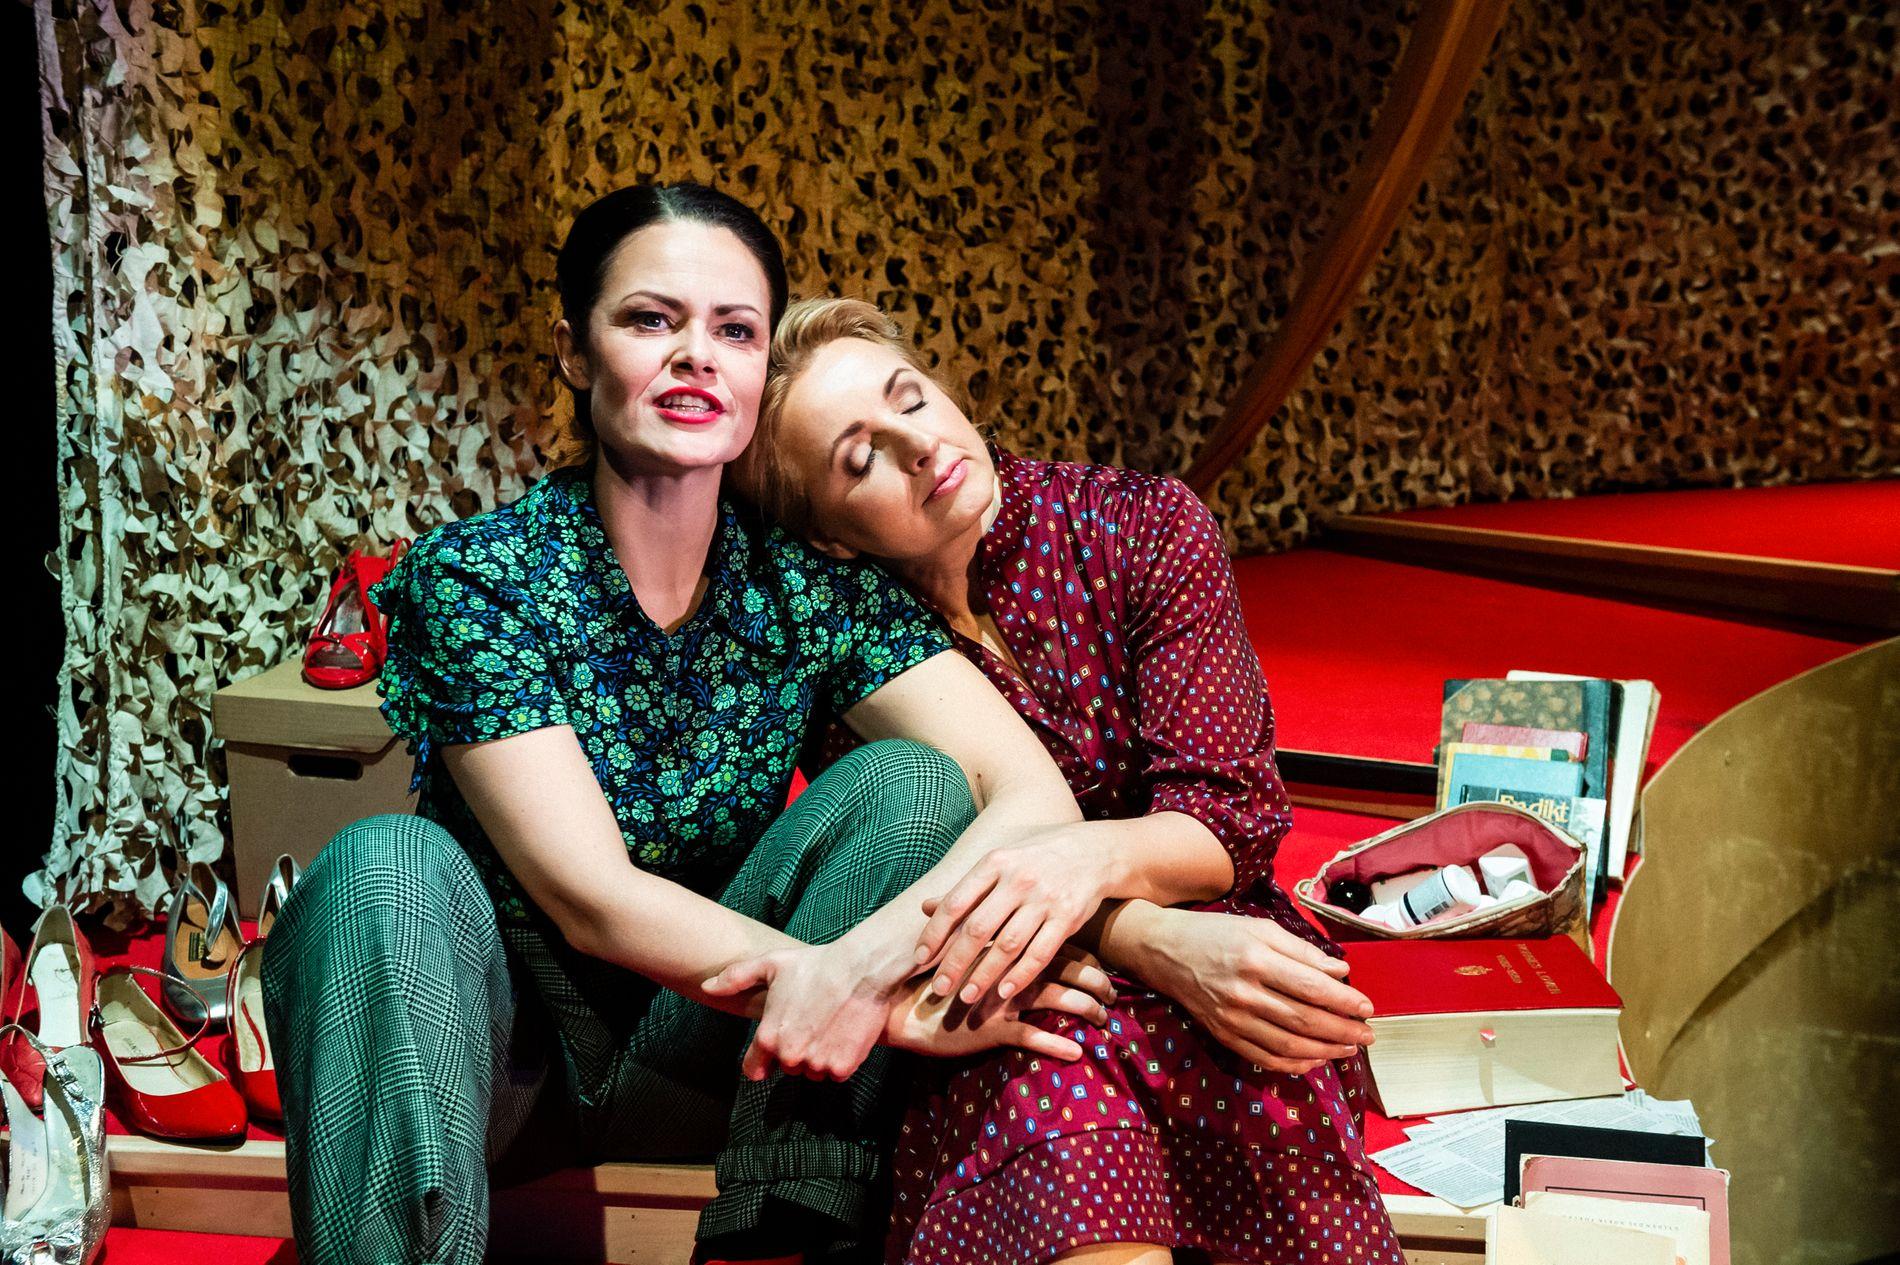 «KIM F» PÅ DNS:  Linn Løvvik som Kim Friele og Anna Dworak som Wenche Lowzow. «Filosof Nina Karin Monsen figurerer som ein motstandar av utviklinga i både teaterstykket og i røynda med utsegner både eg personleg og mange andre med meg vert såra av», skriv Birger Berge.